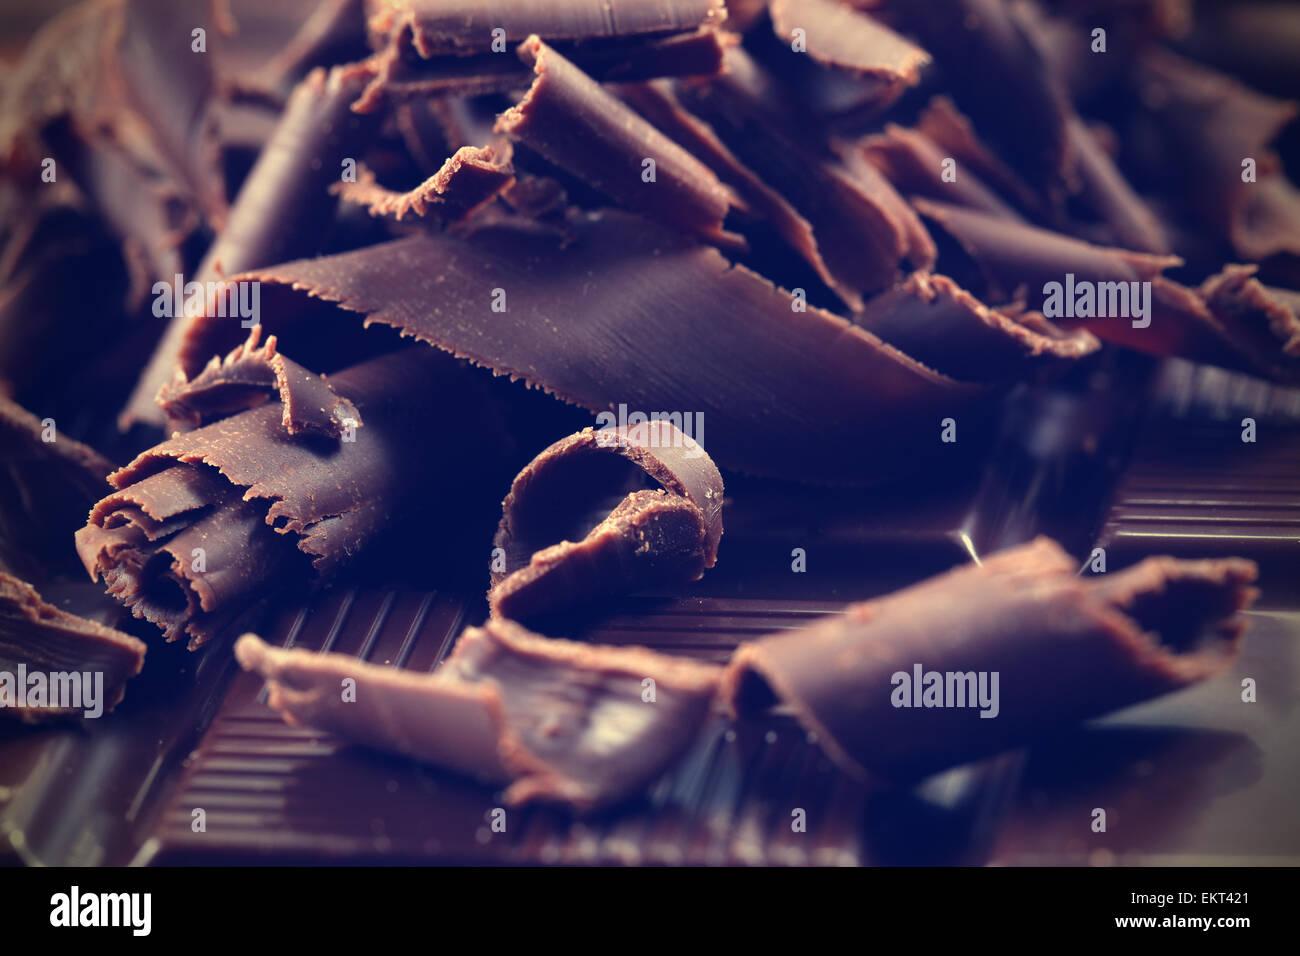 Virutas de Chocolate Oscuro Imagen De Stock